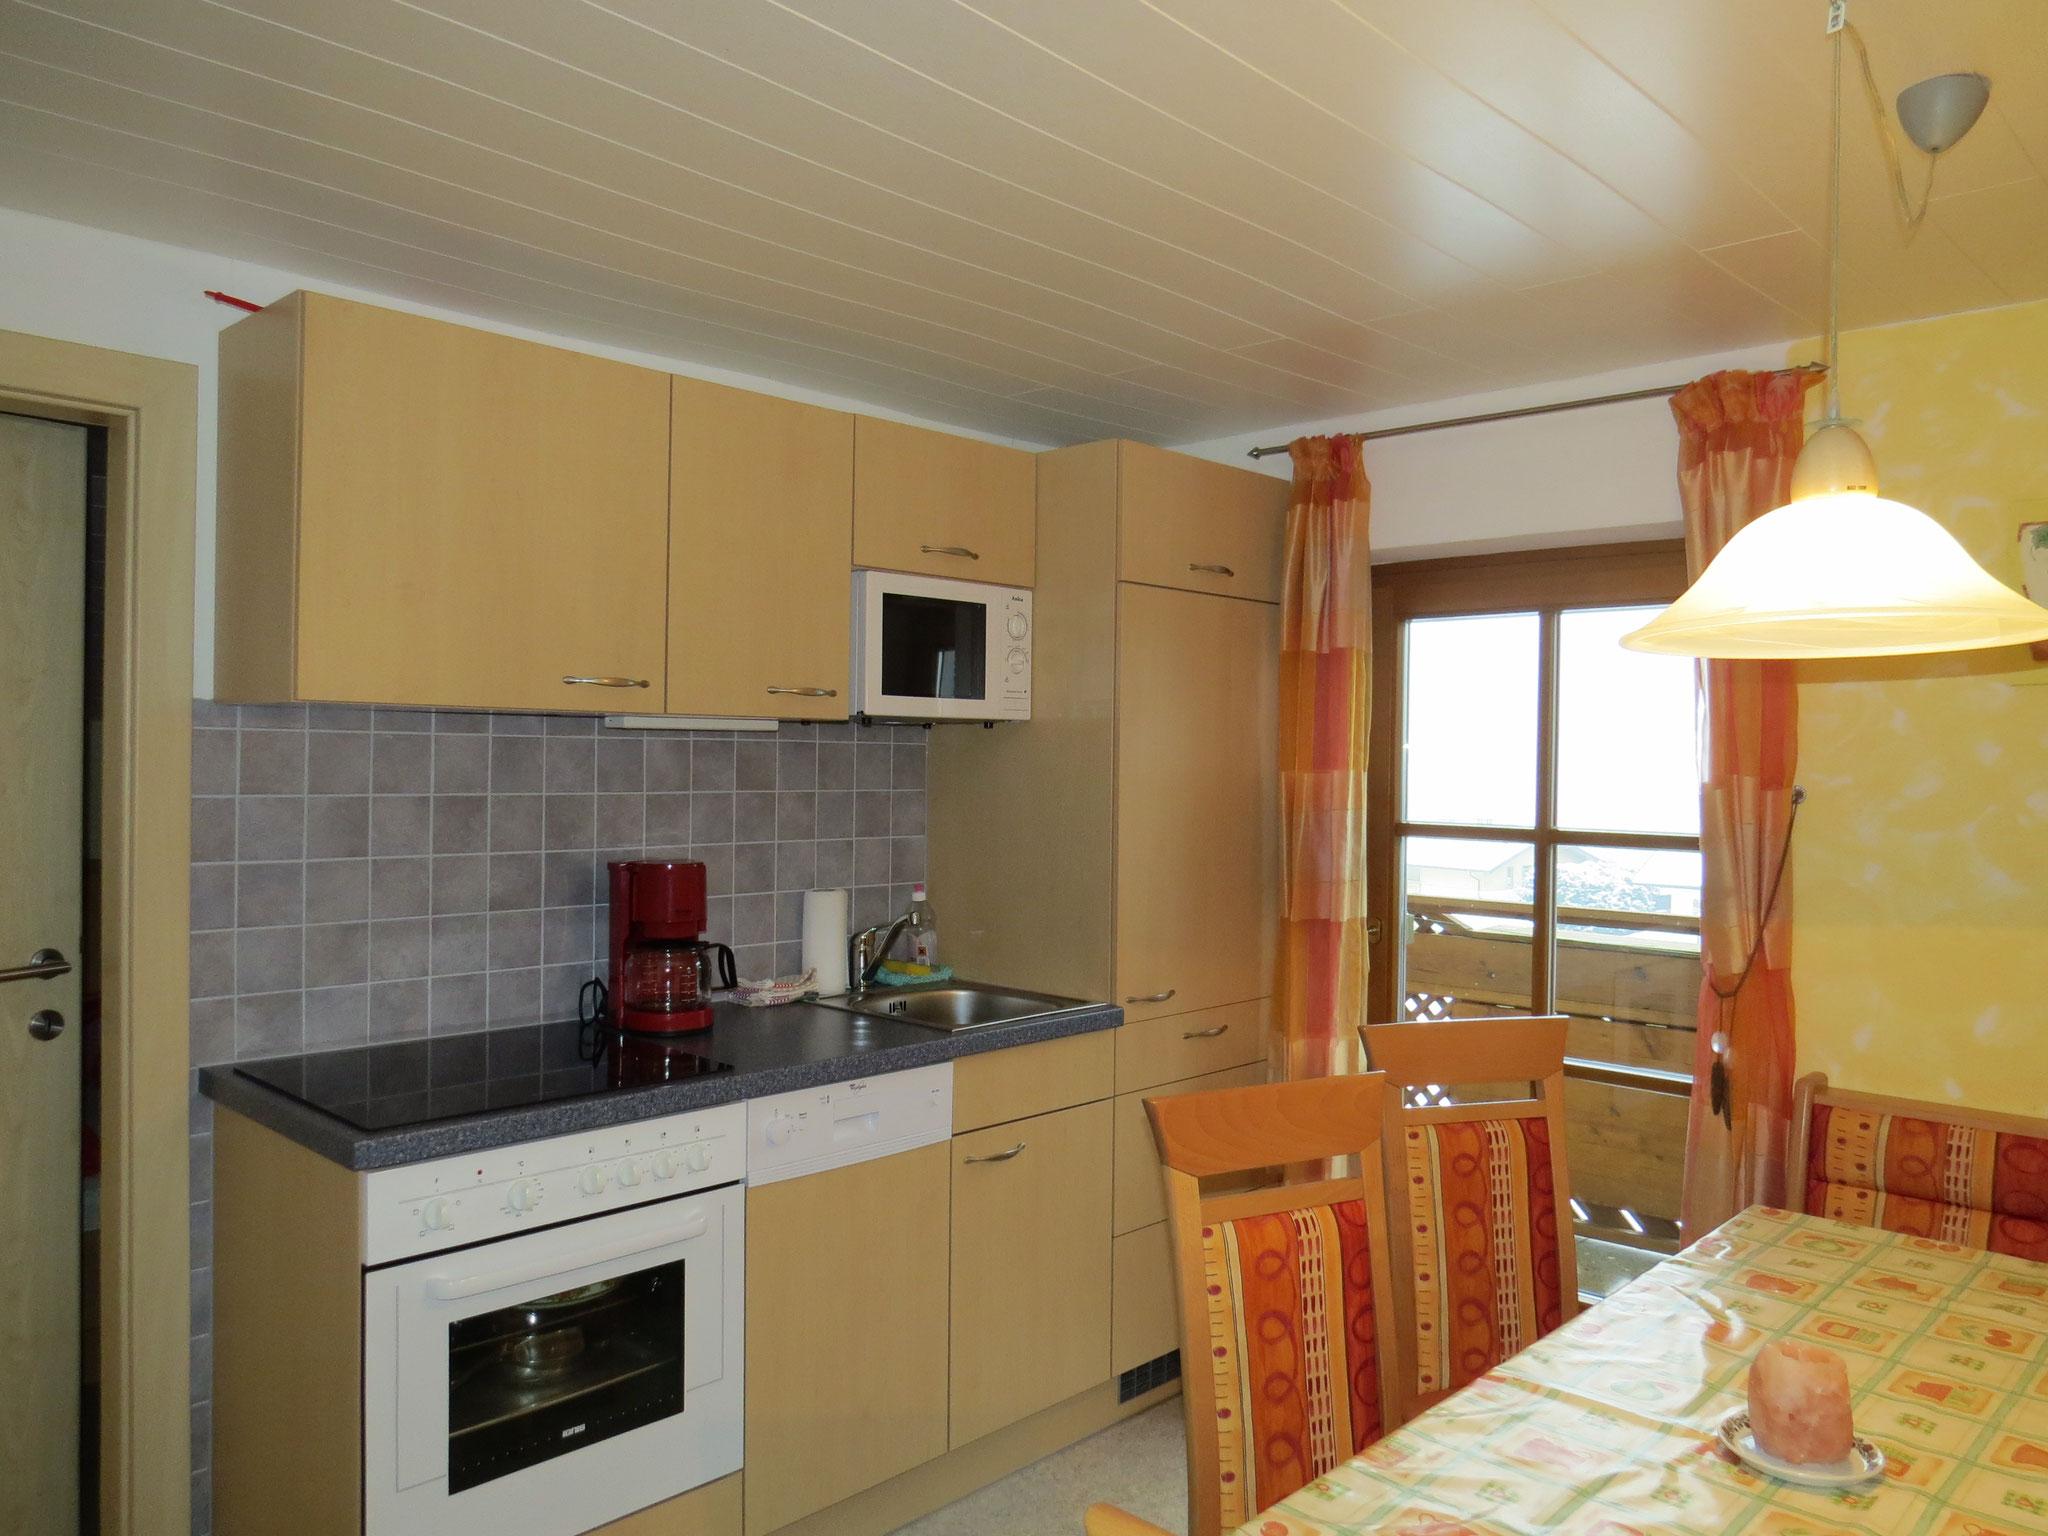 Ferienwohnung für 5 - 8 Personen, Biohof Haus Wieser, Abtenau, Salzburg Land